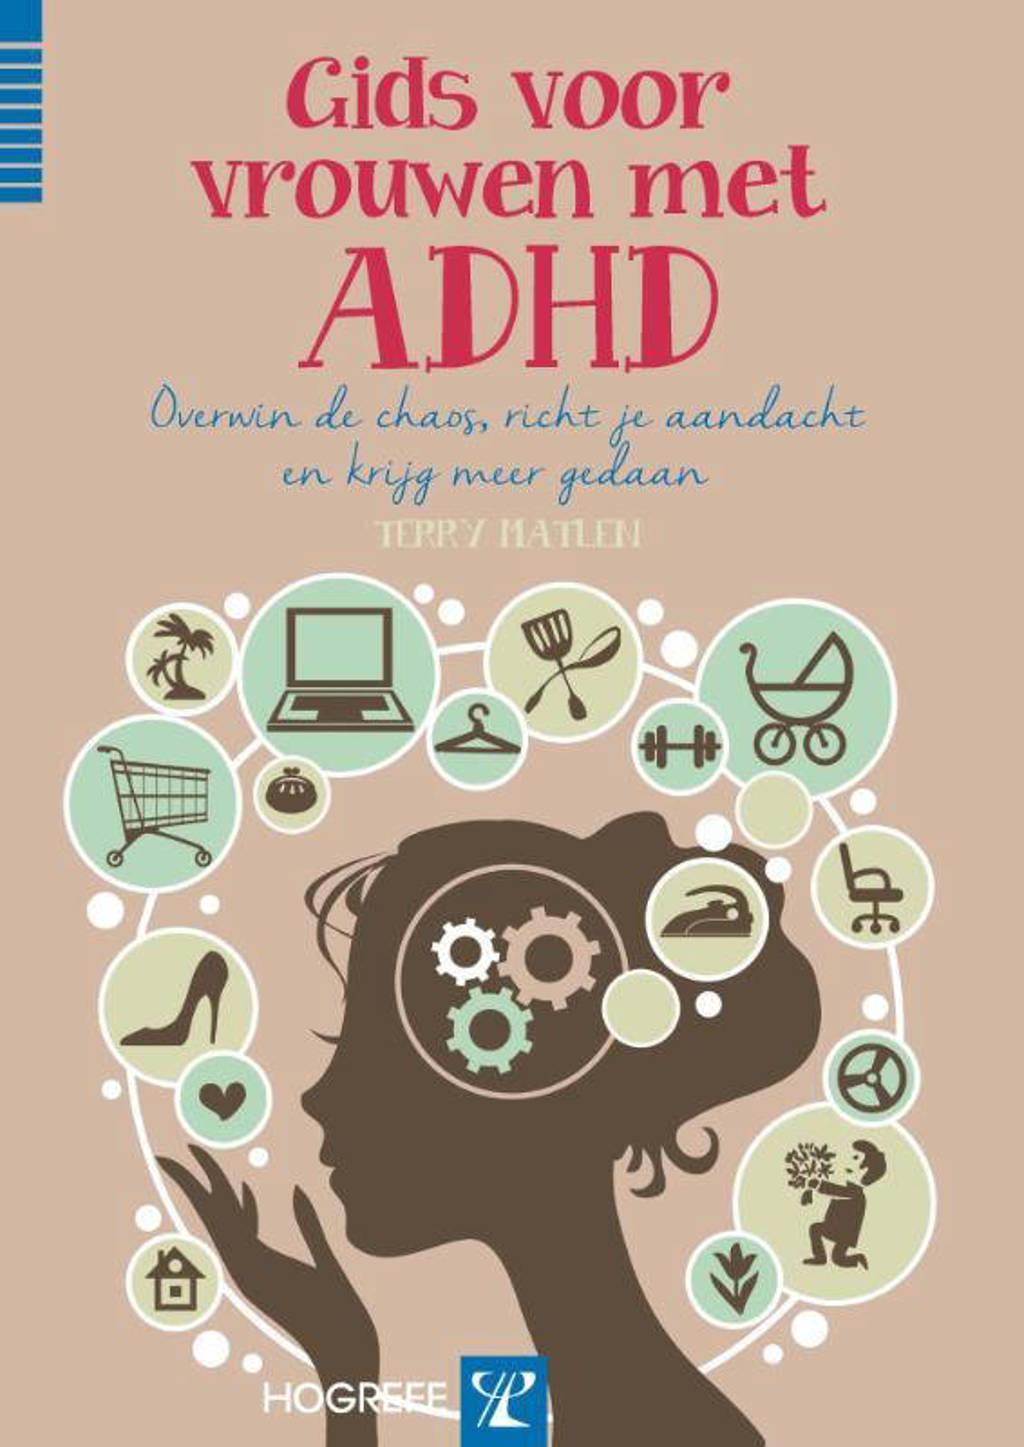 Gids voor vrouwen met ADHD - Terry Matlen